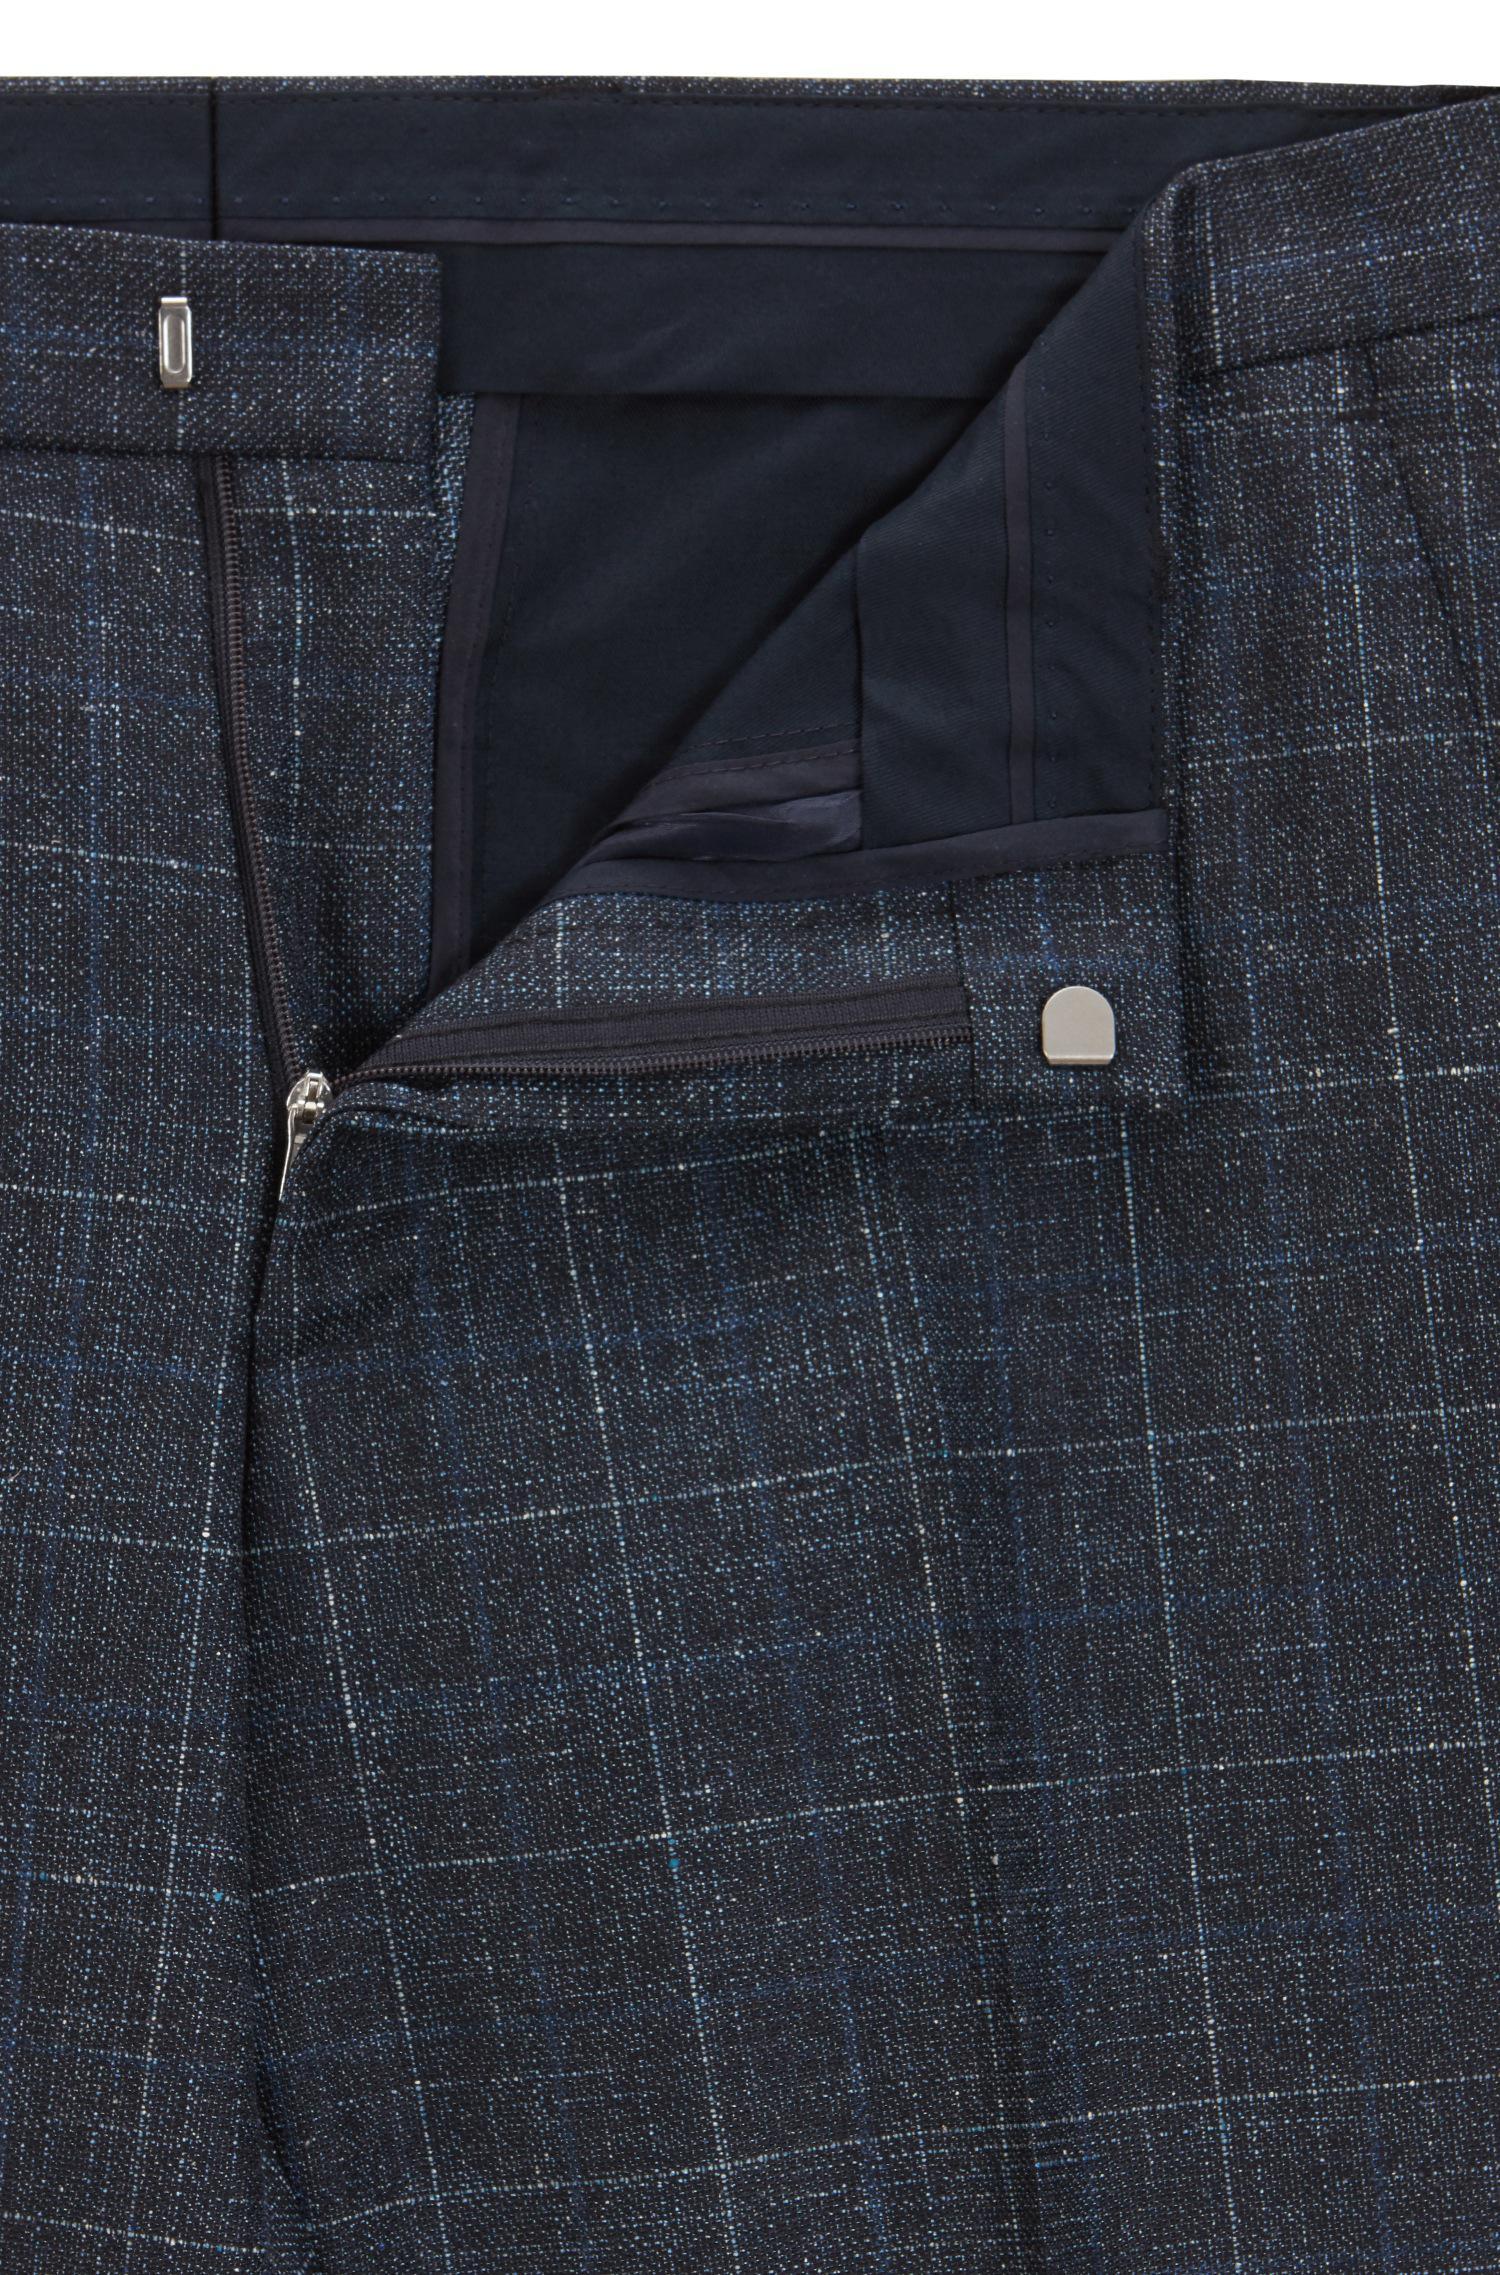 a45cbe22 BOSS Virgin Wool Blend 3-piece Suit, Slim Fit   Huge/genius We in ...